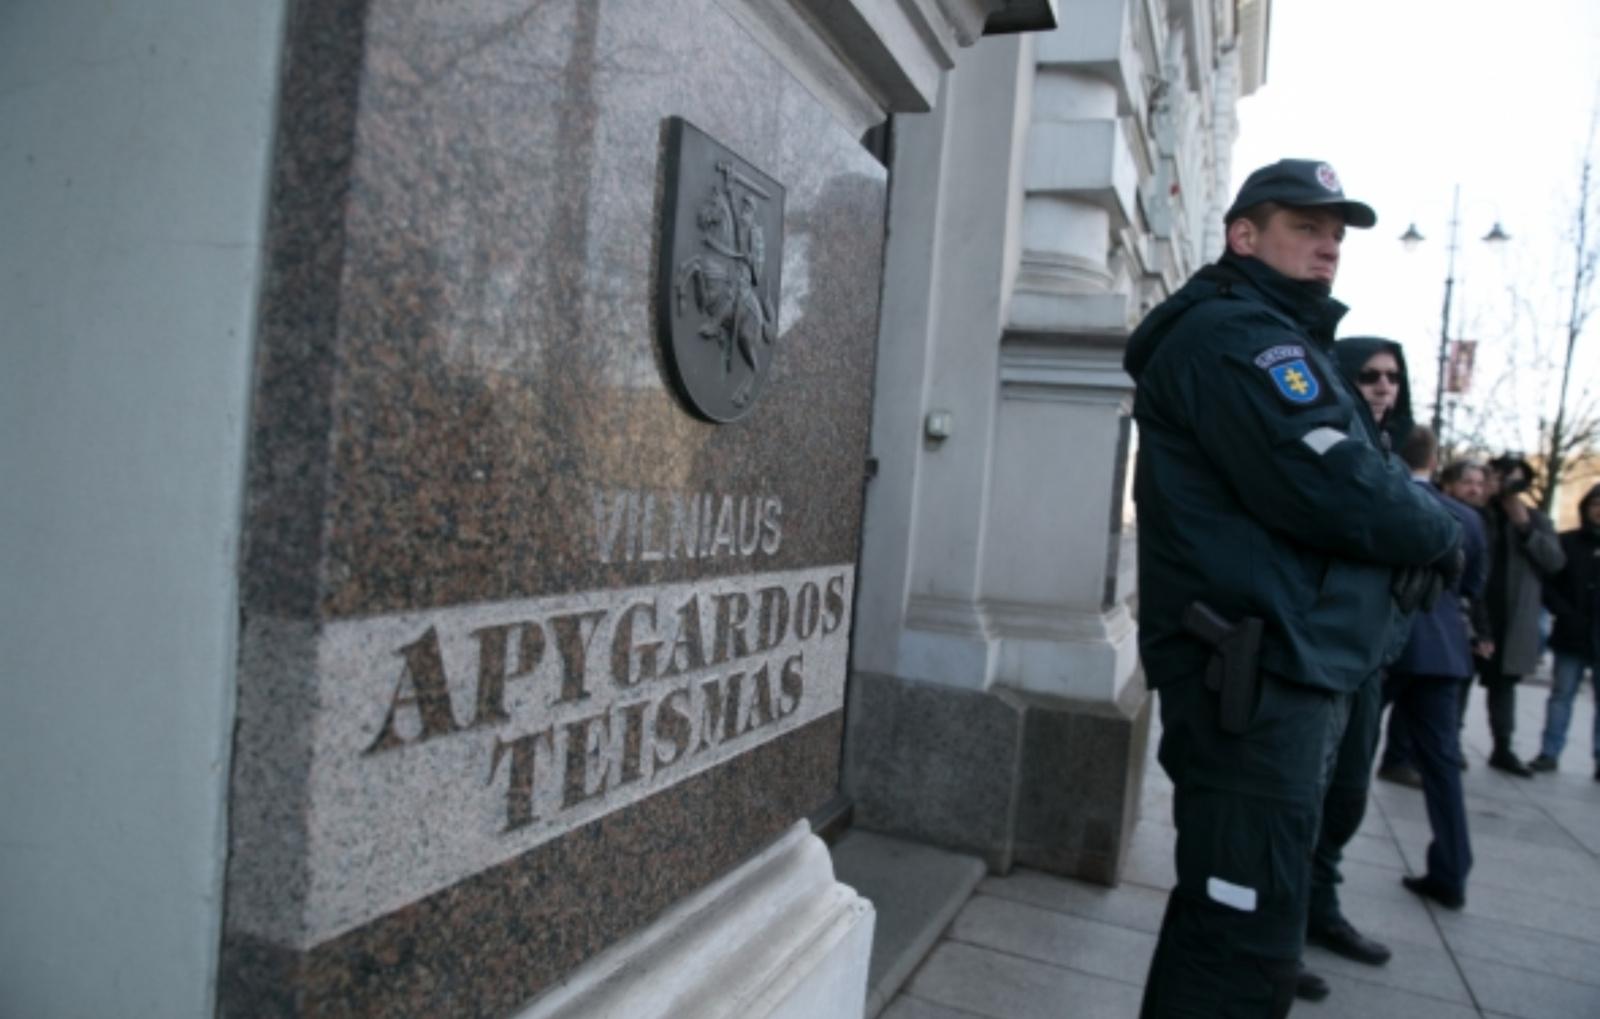 Generalinė prokuratūra skundžia nuosprendį Sausio 13-osios byloje